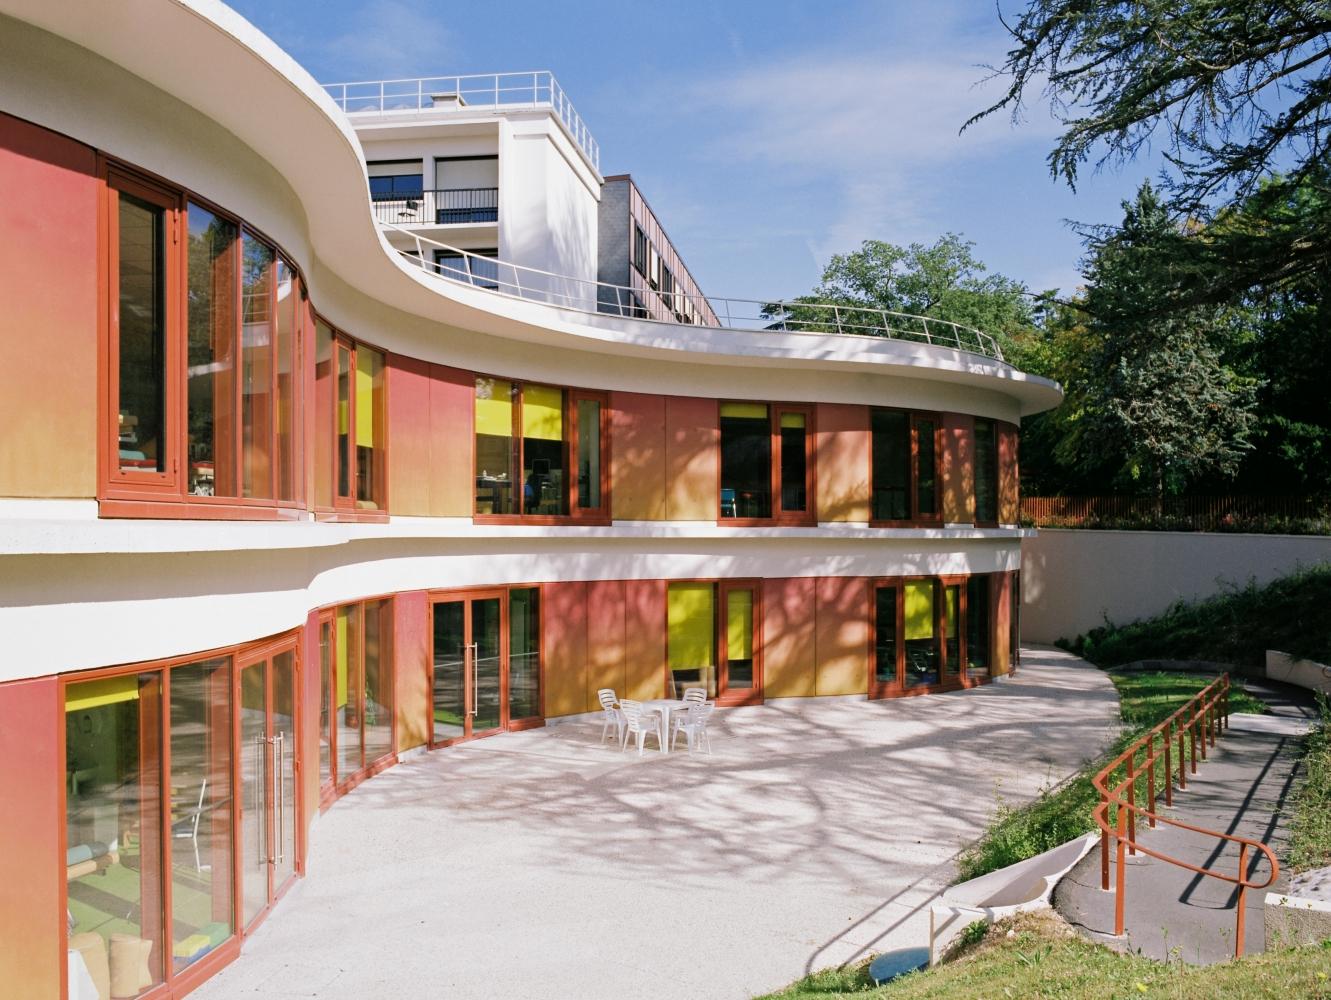 14-joue-les-tours-img-001 Pascale SEURIN Architecte - Pascale SEURIN Architecte